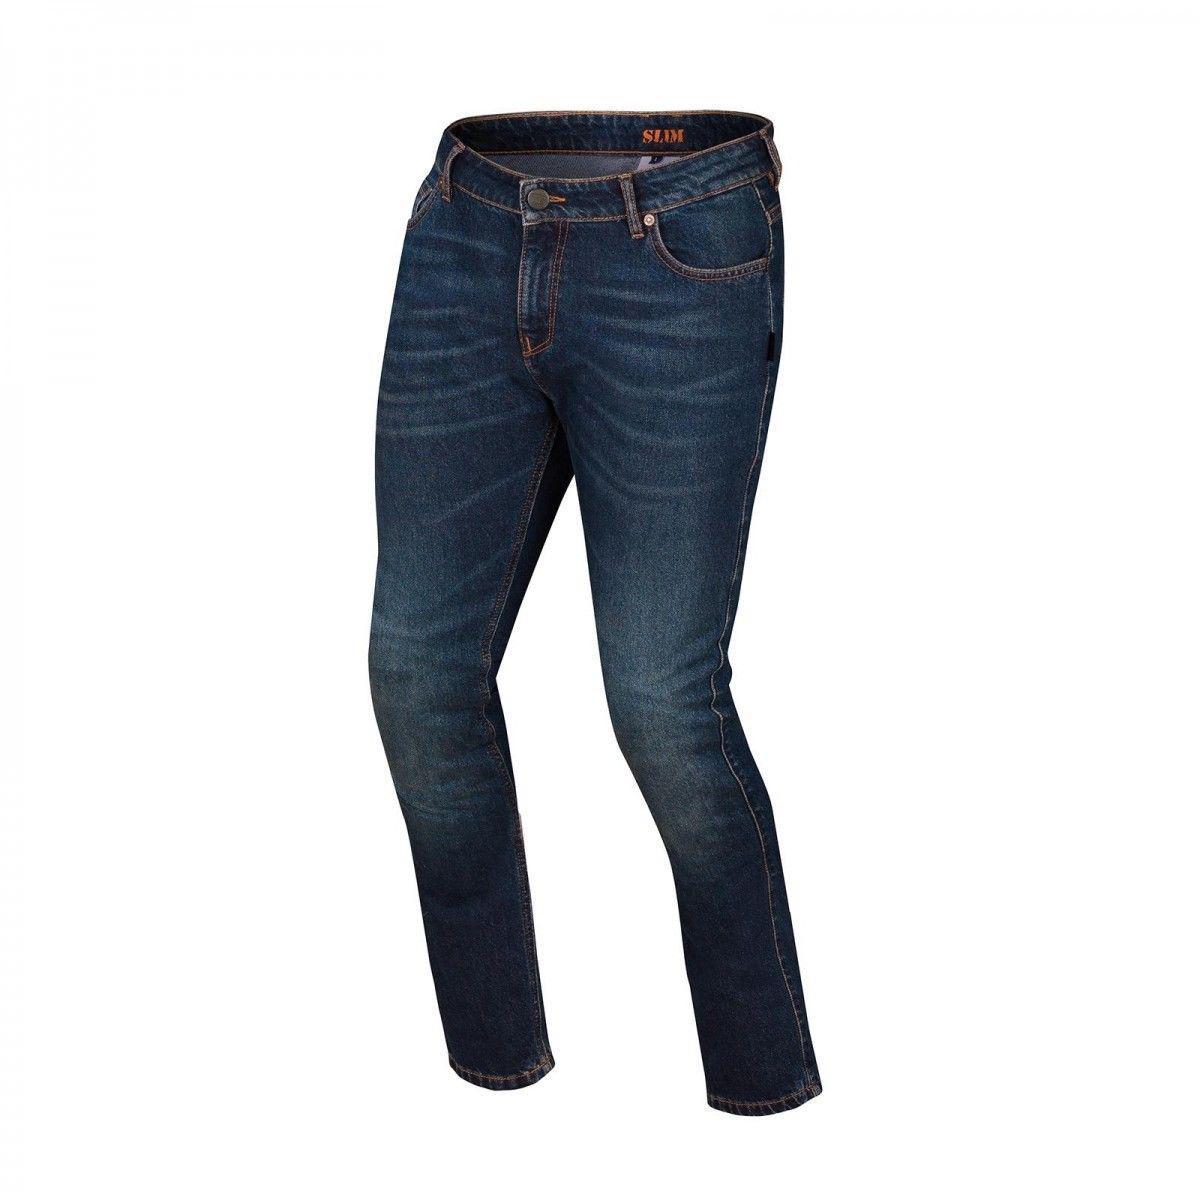 Джинсовые брюки Bering Gorane р.3XL (с кевларовыми вставками) текстиль blue